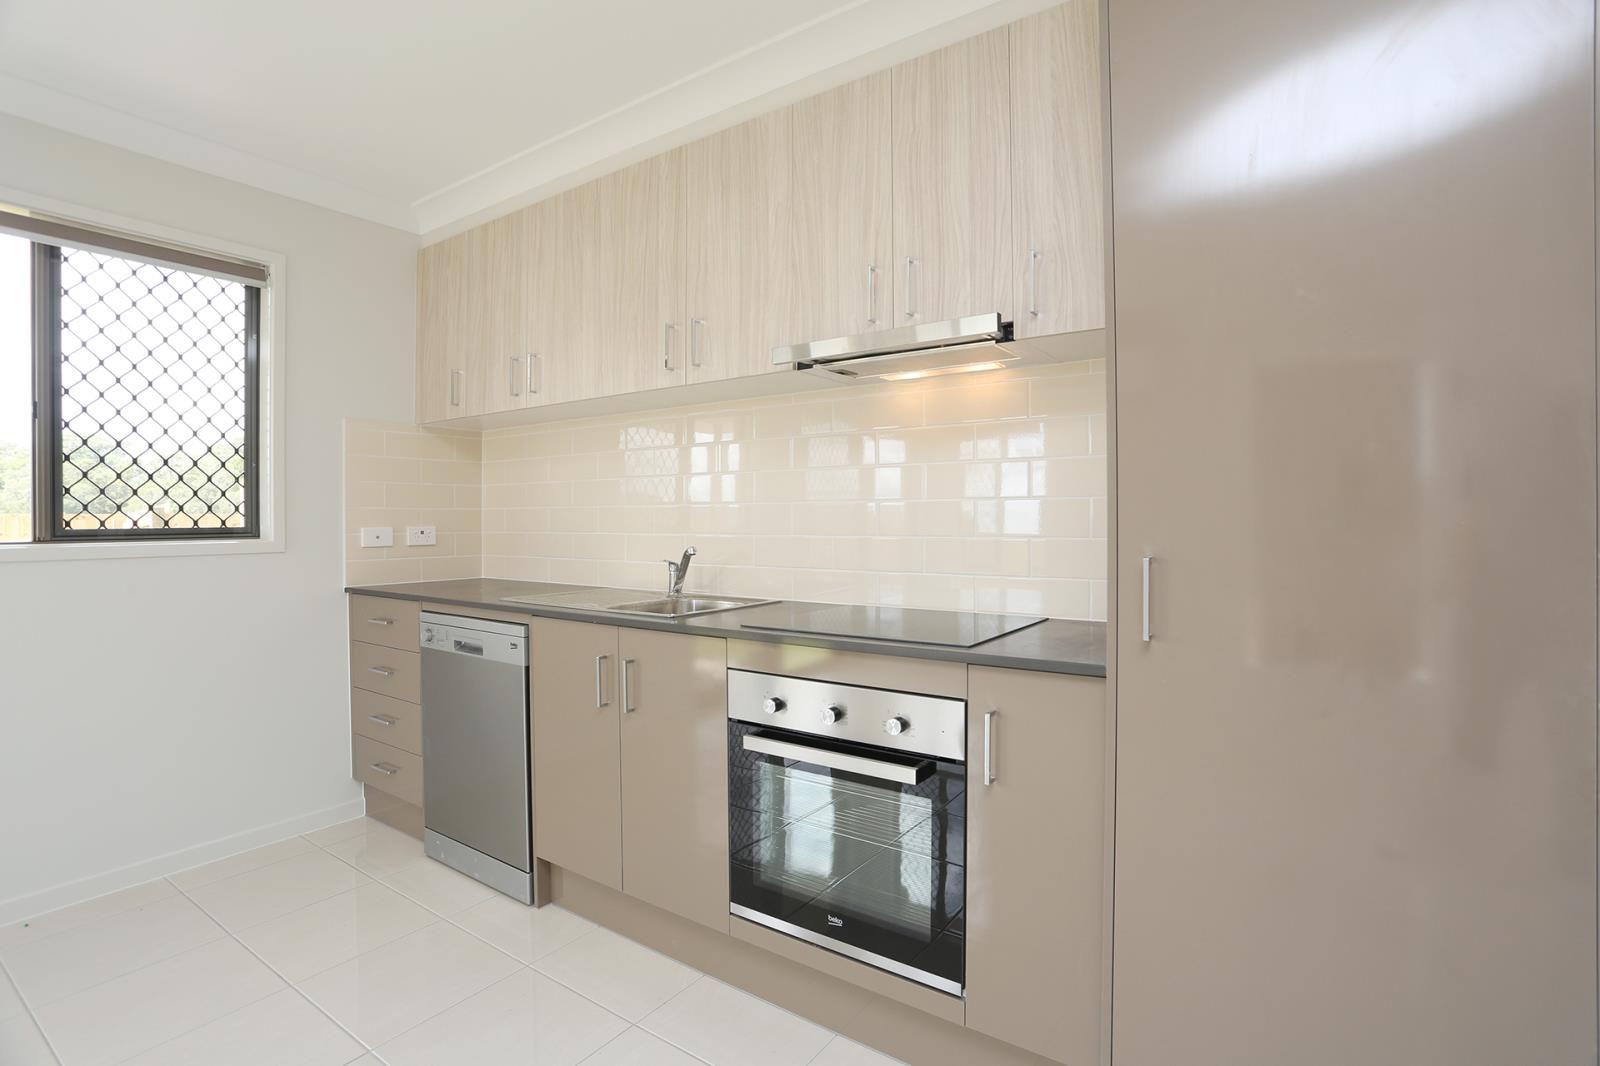 2/27 Reo Place, Yandina QLD 4561, Image 2